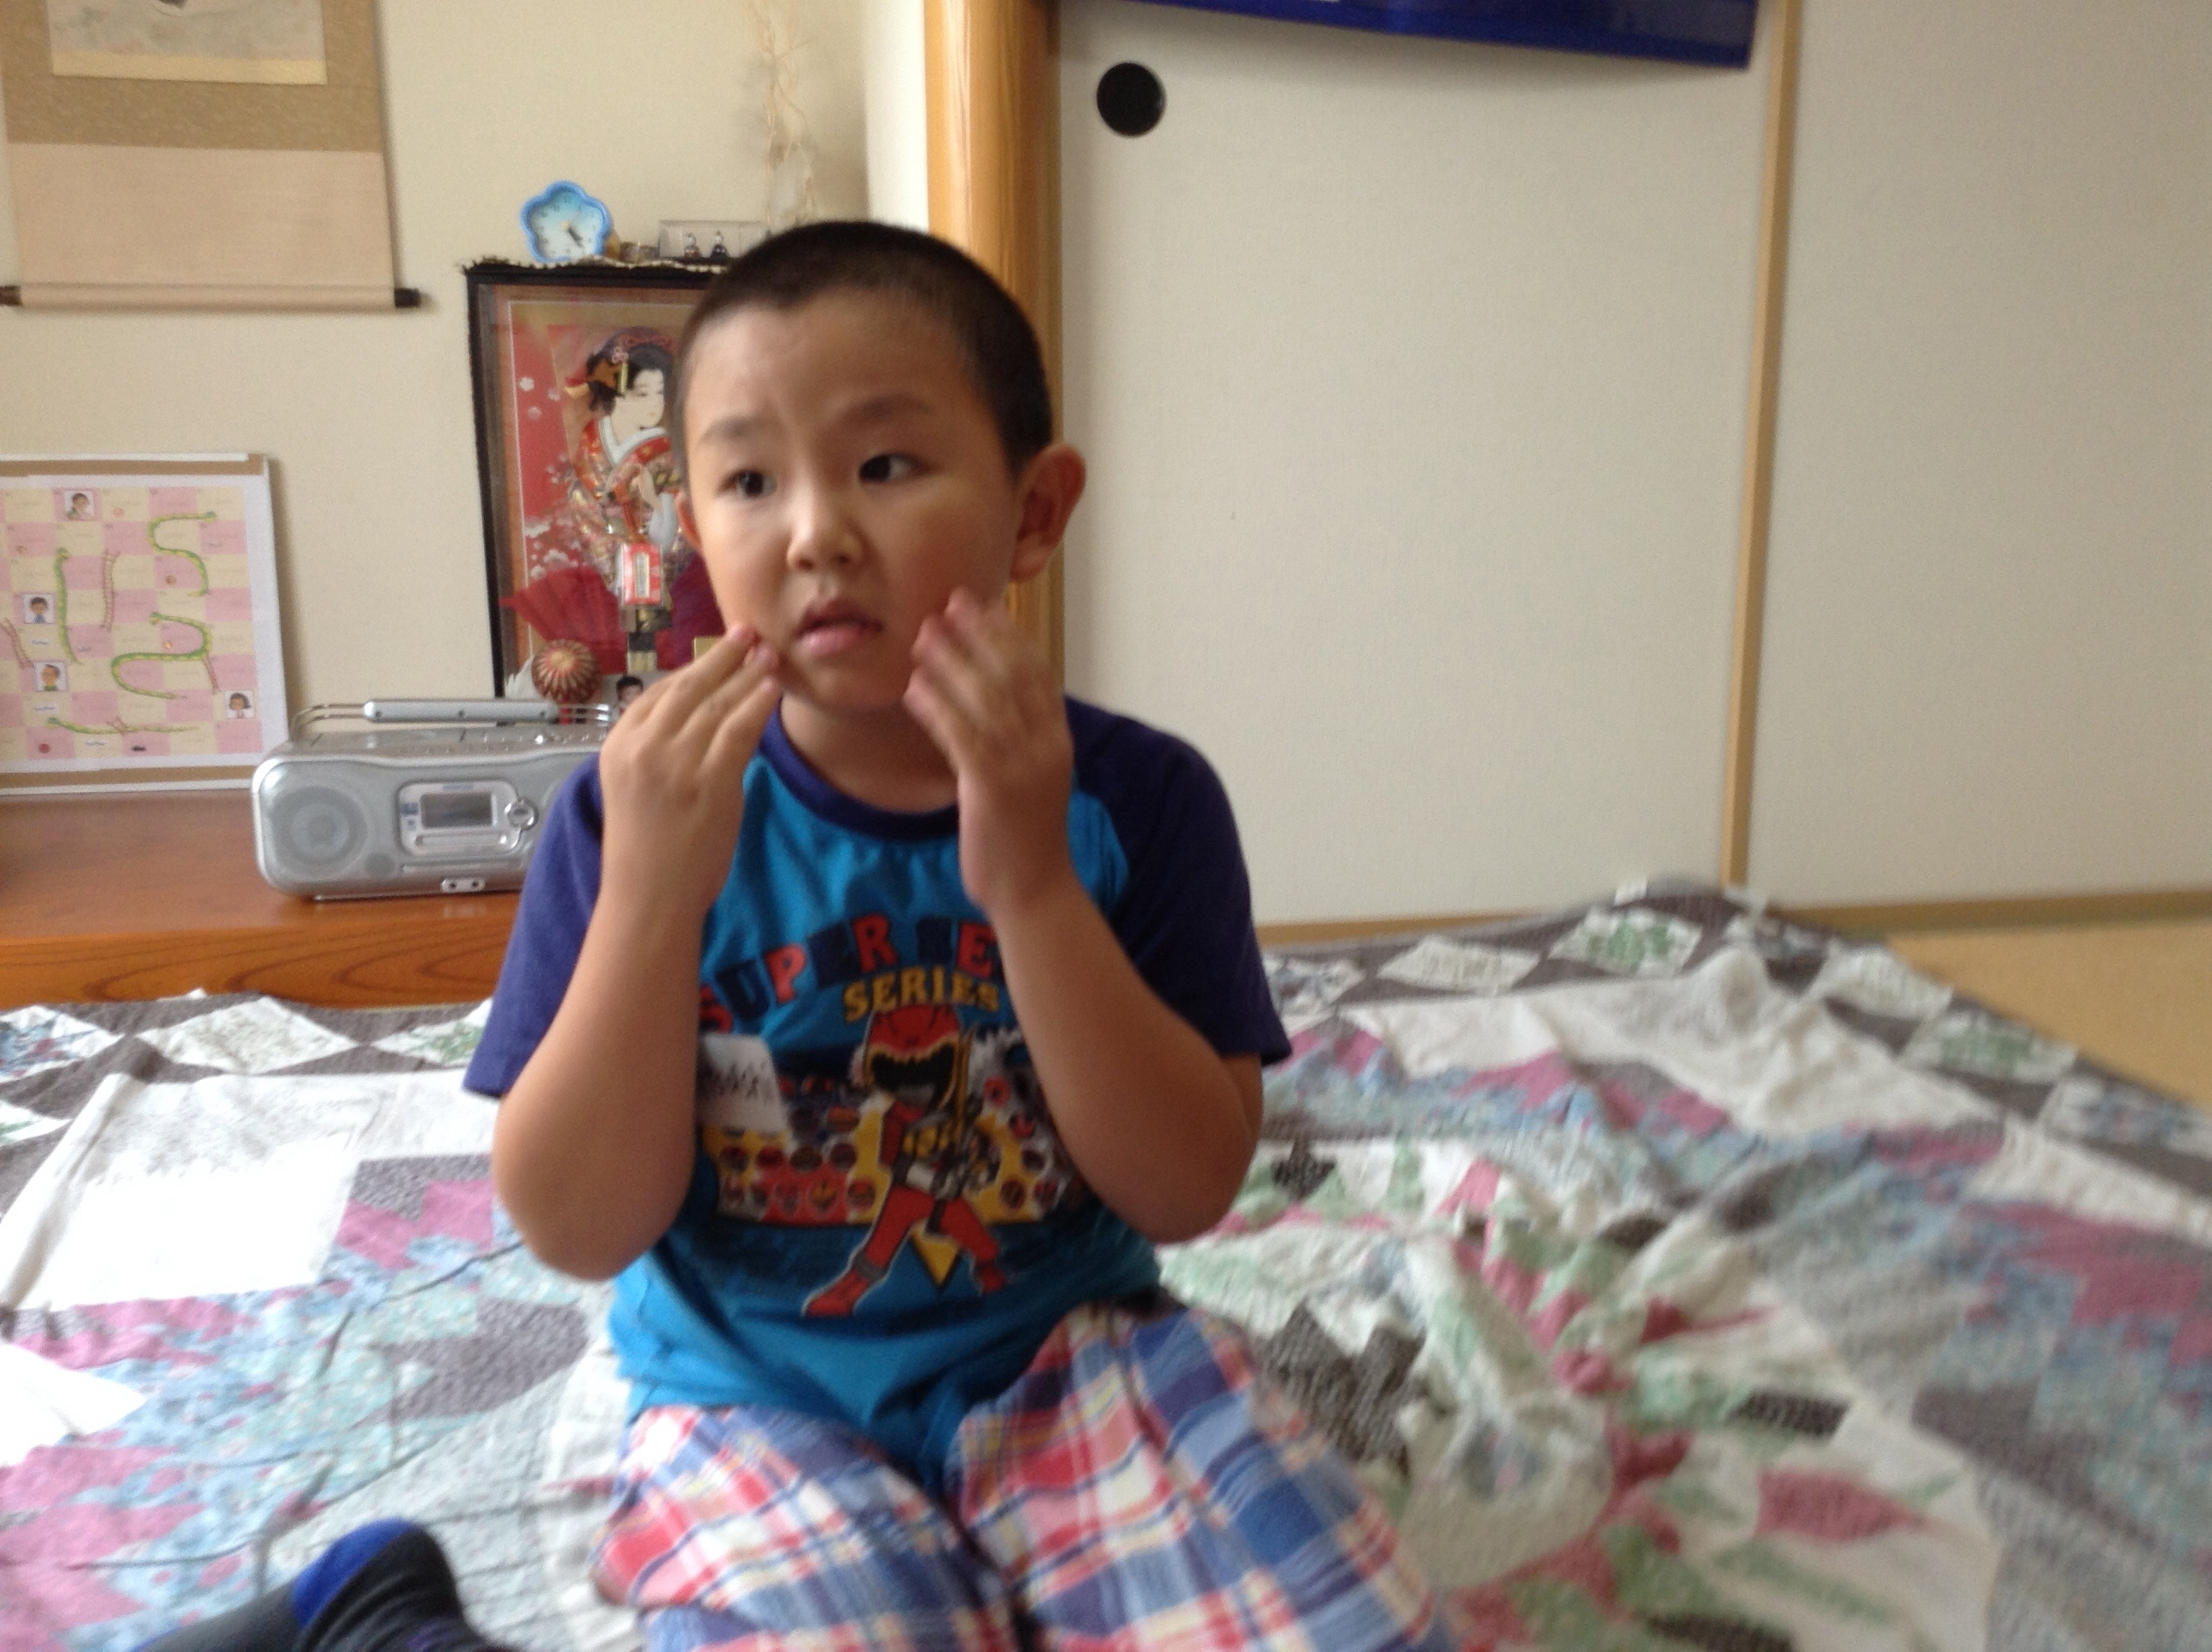 顔の表情。。なかなかの演技✧*。(ˊᗜˋ*)✧*。|子ども英会話教室エンデバー通信9月3日